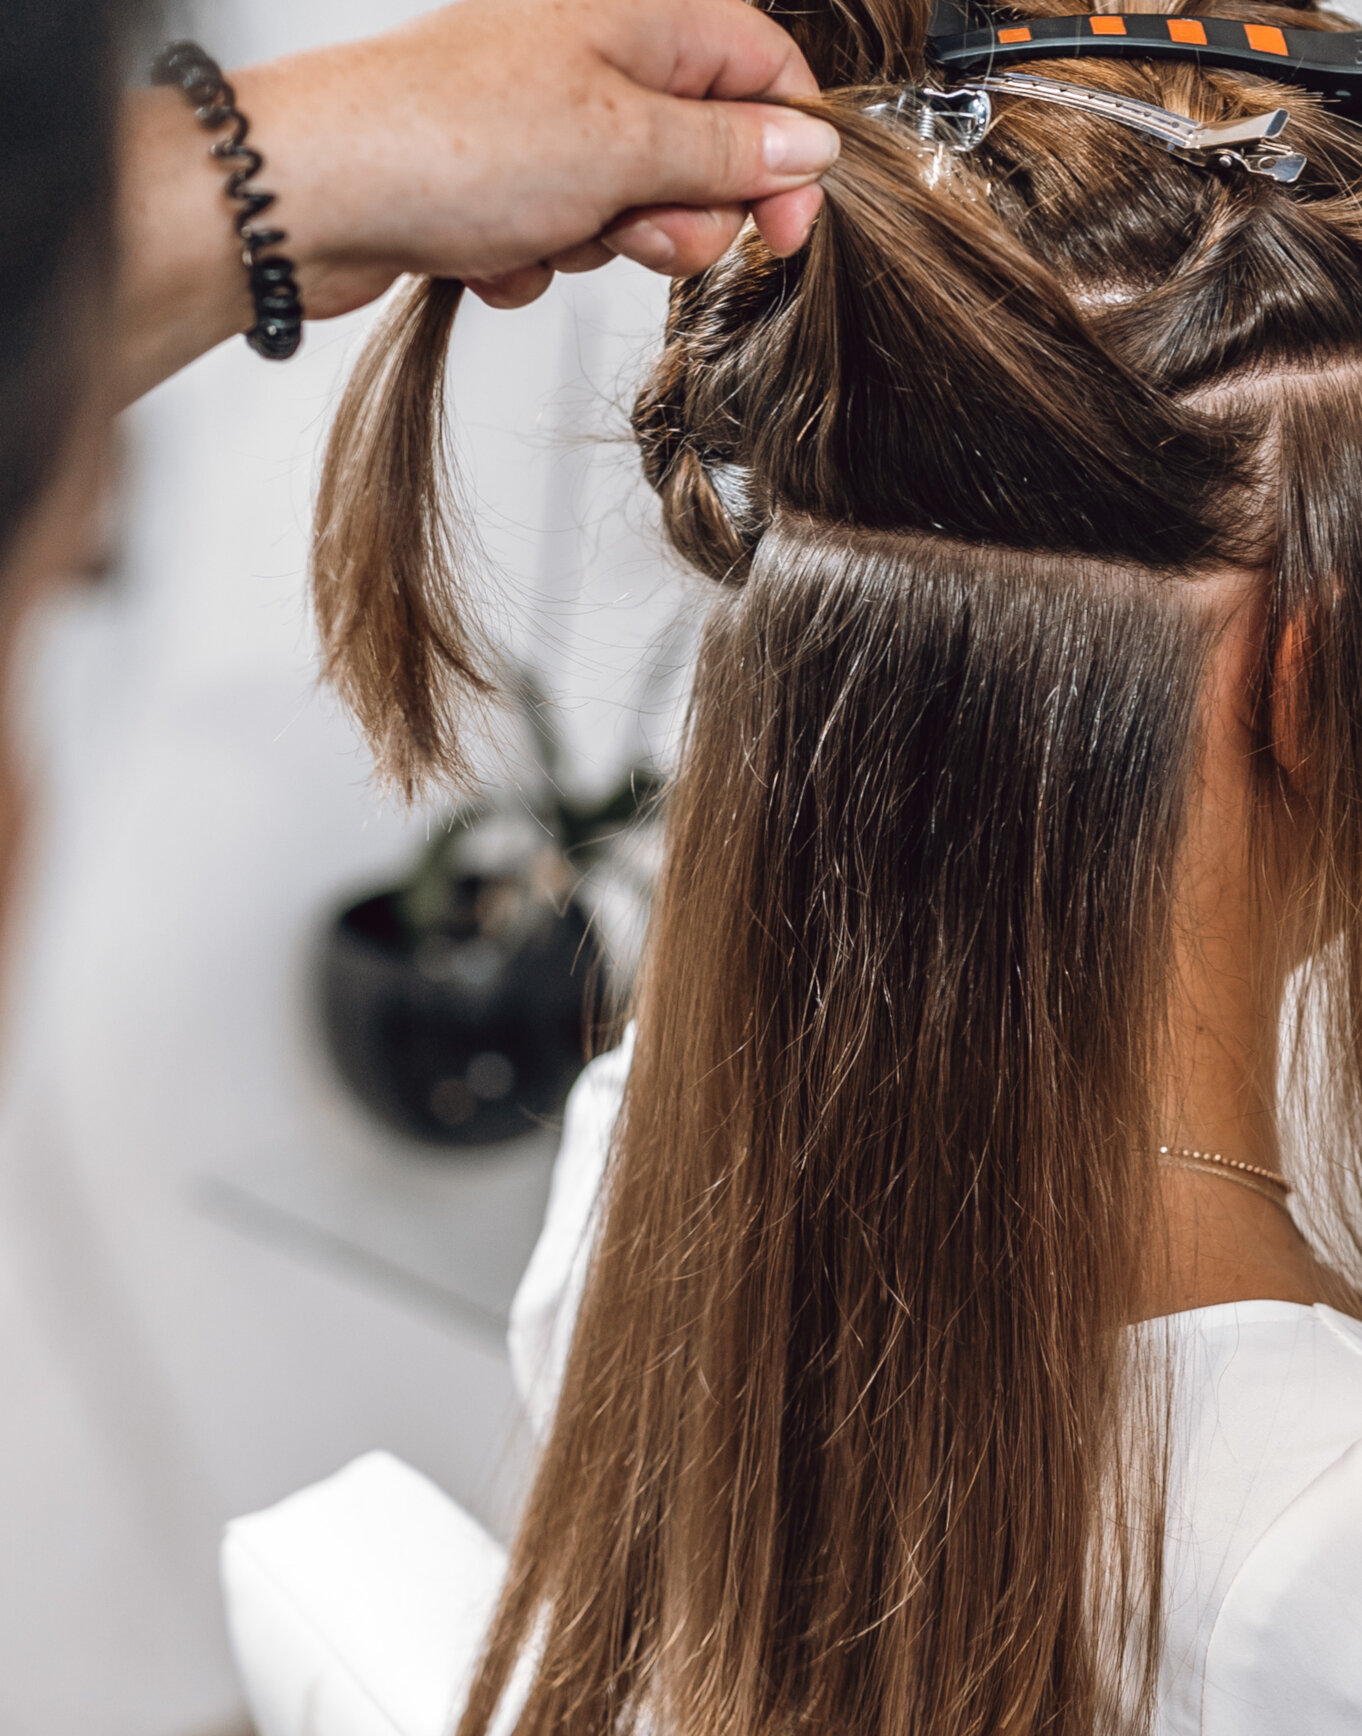 Metoda przedłużania włosów: Tape on